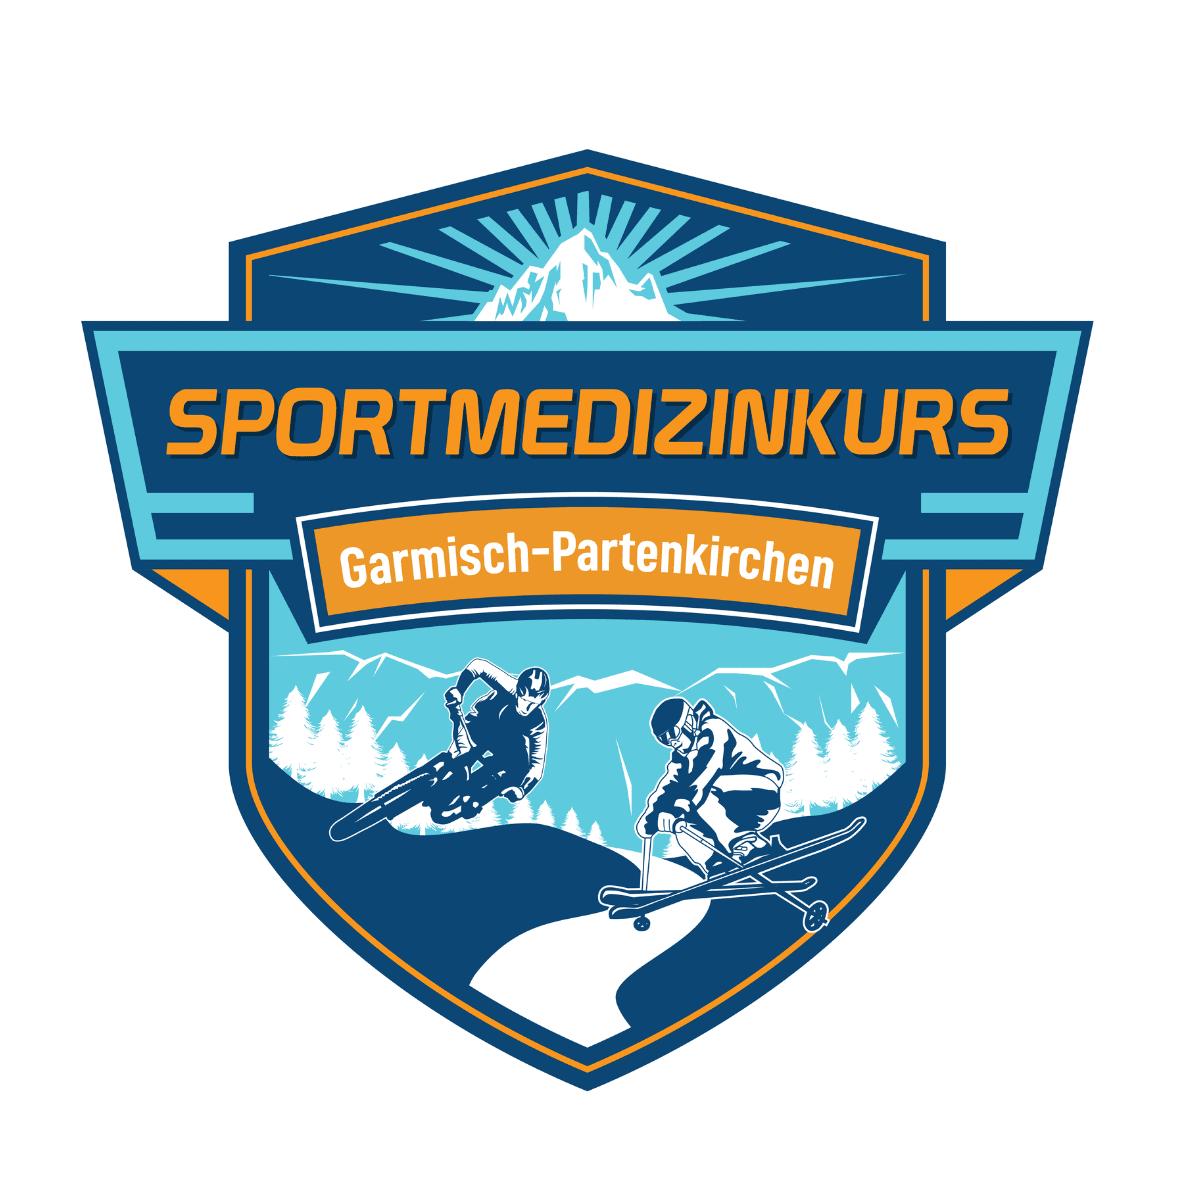 Logo Sportmedizinkurs Garmisch-Partenkirchen Lutz Nitsche Chirurgie Maintaunus